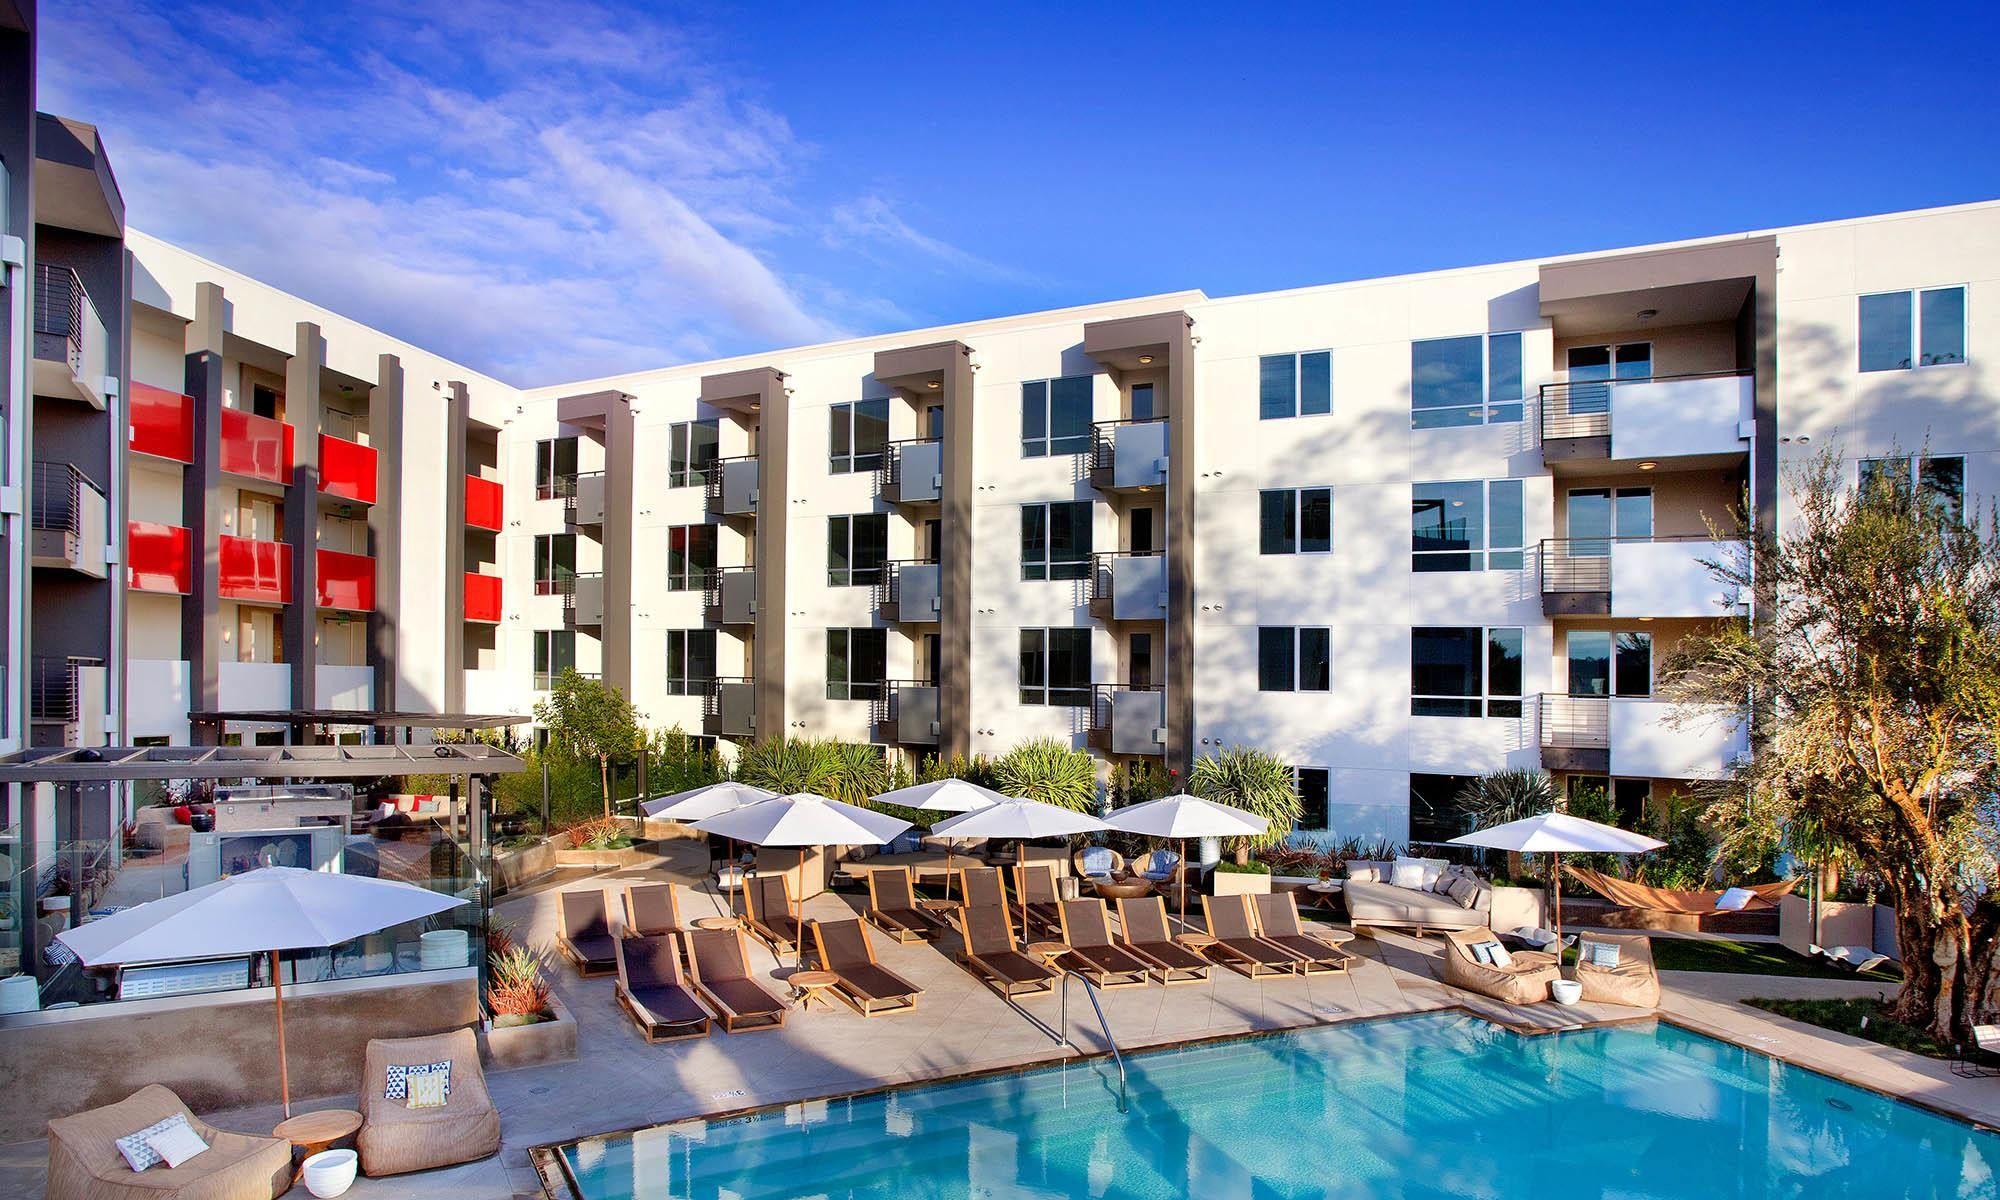 Apartments In Glendale Ca Apartments Exterior Apartment Pool California Apartment